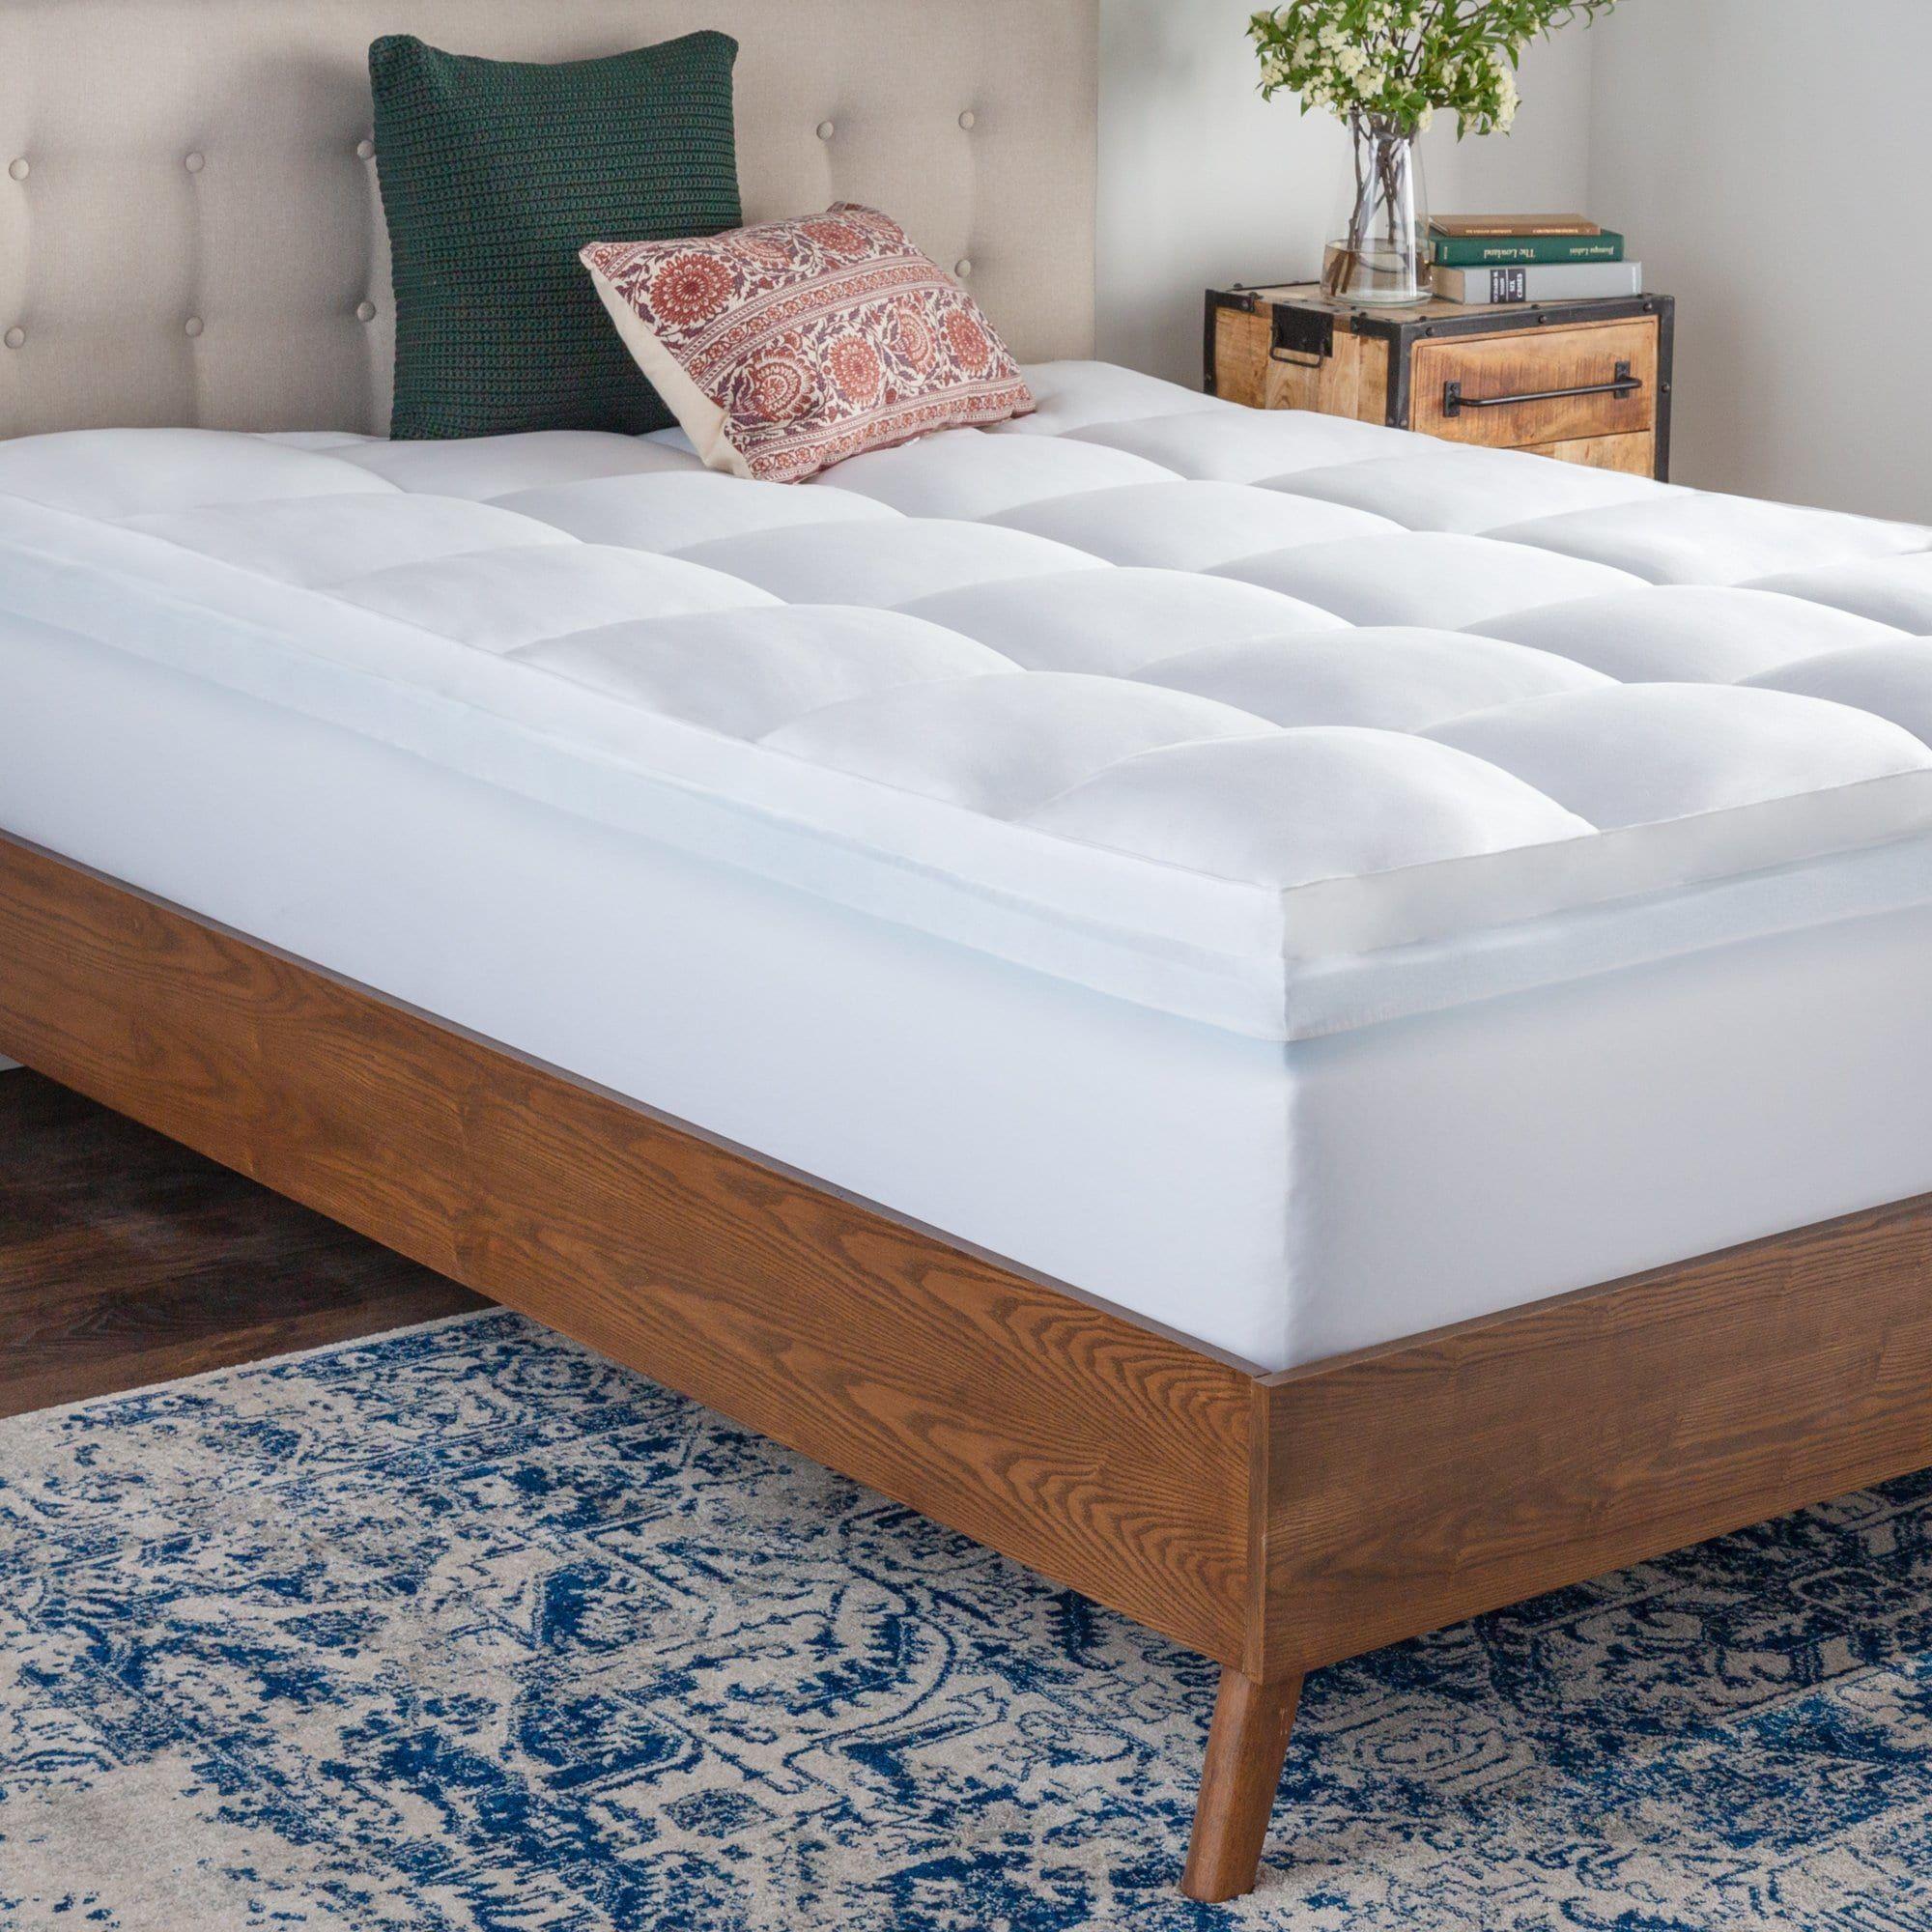 Brookside Pillow Top and 2inch Gel Memory Foam Mattress